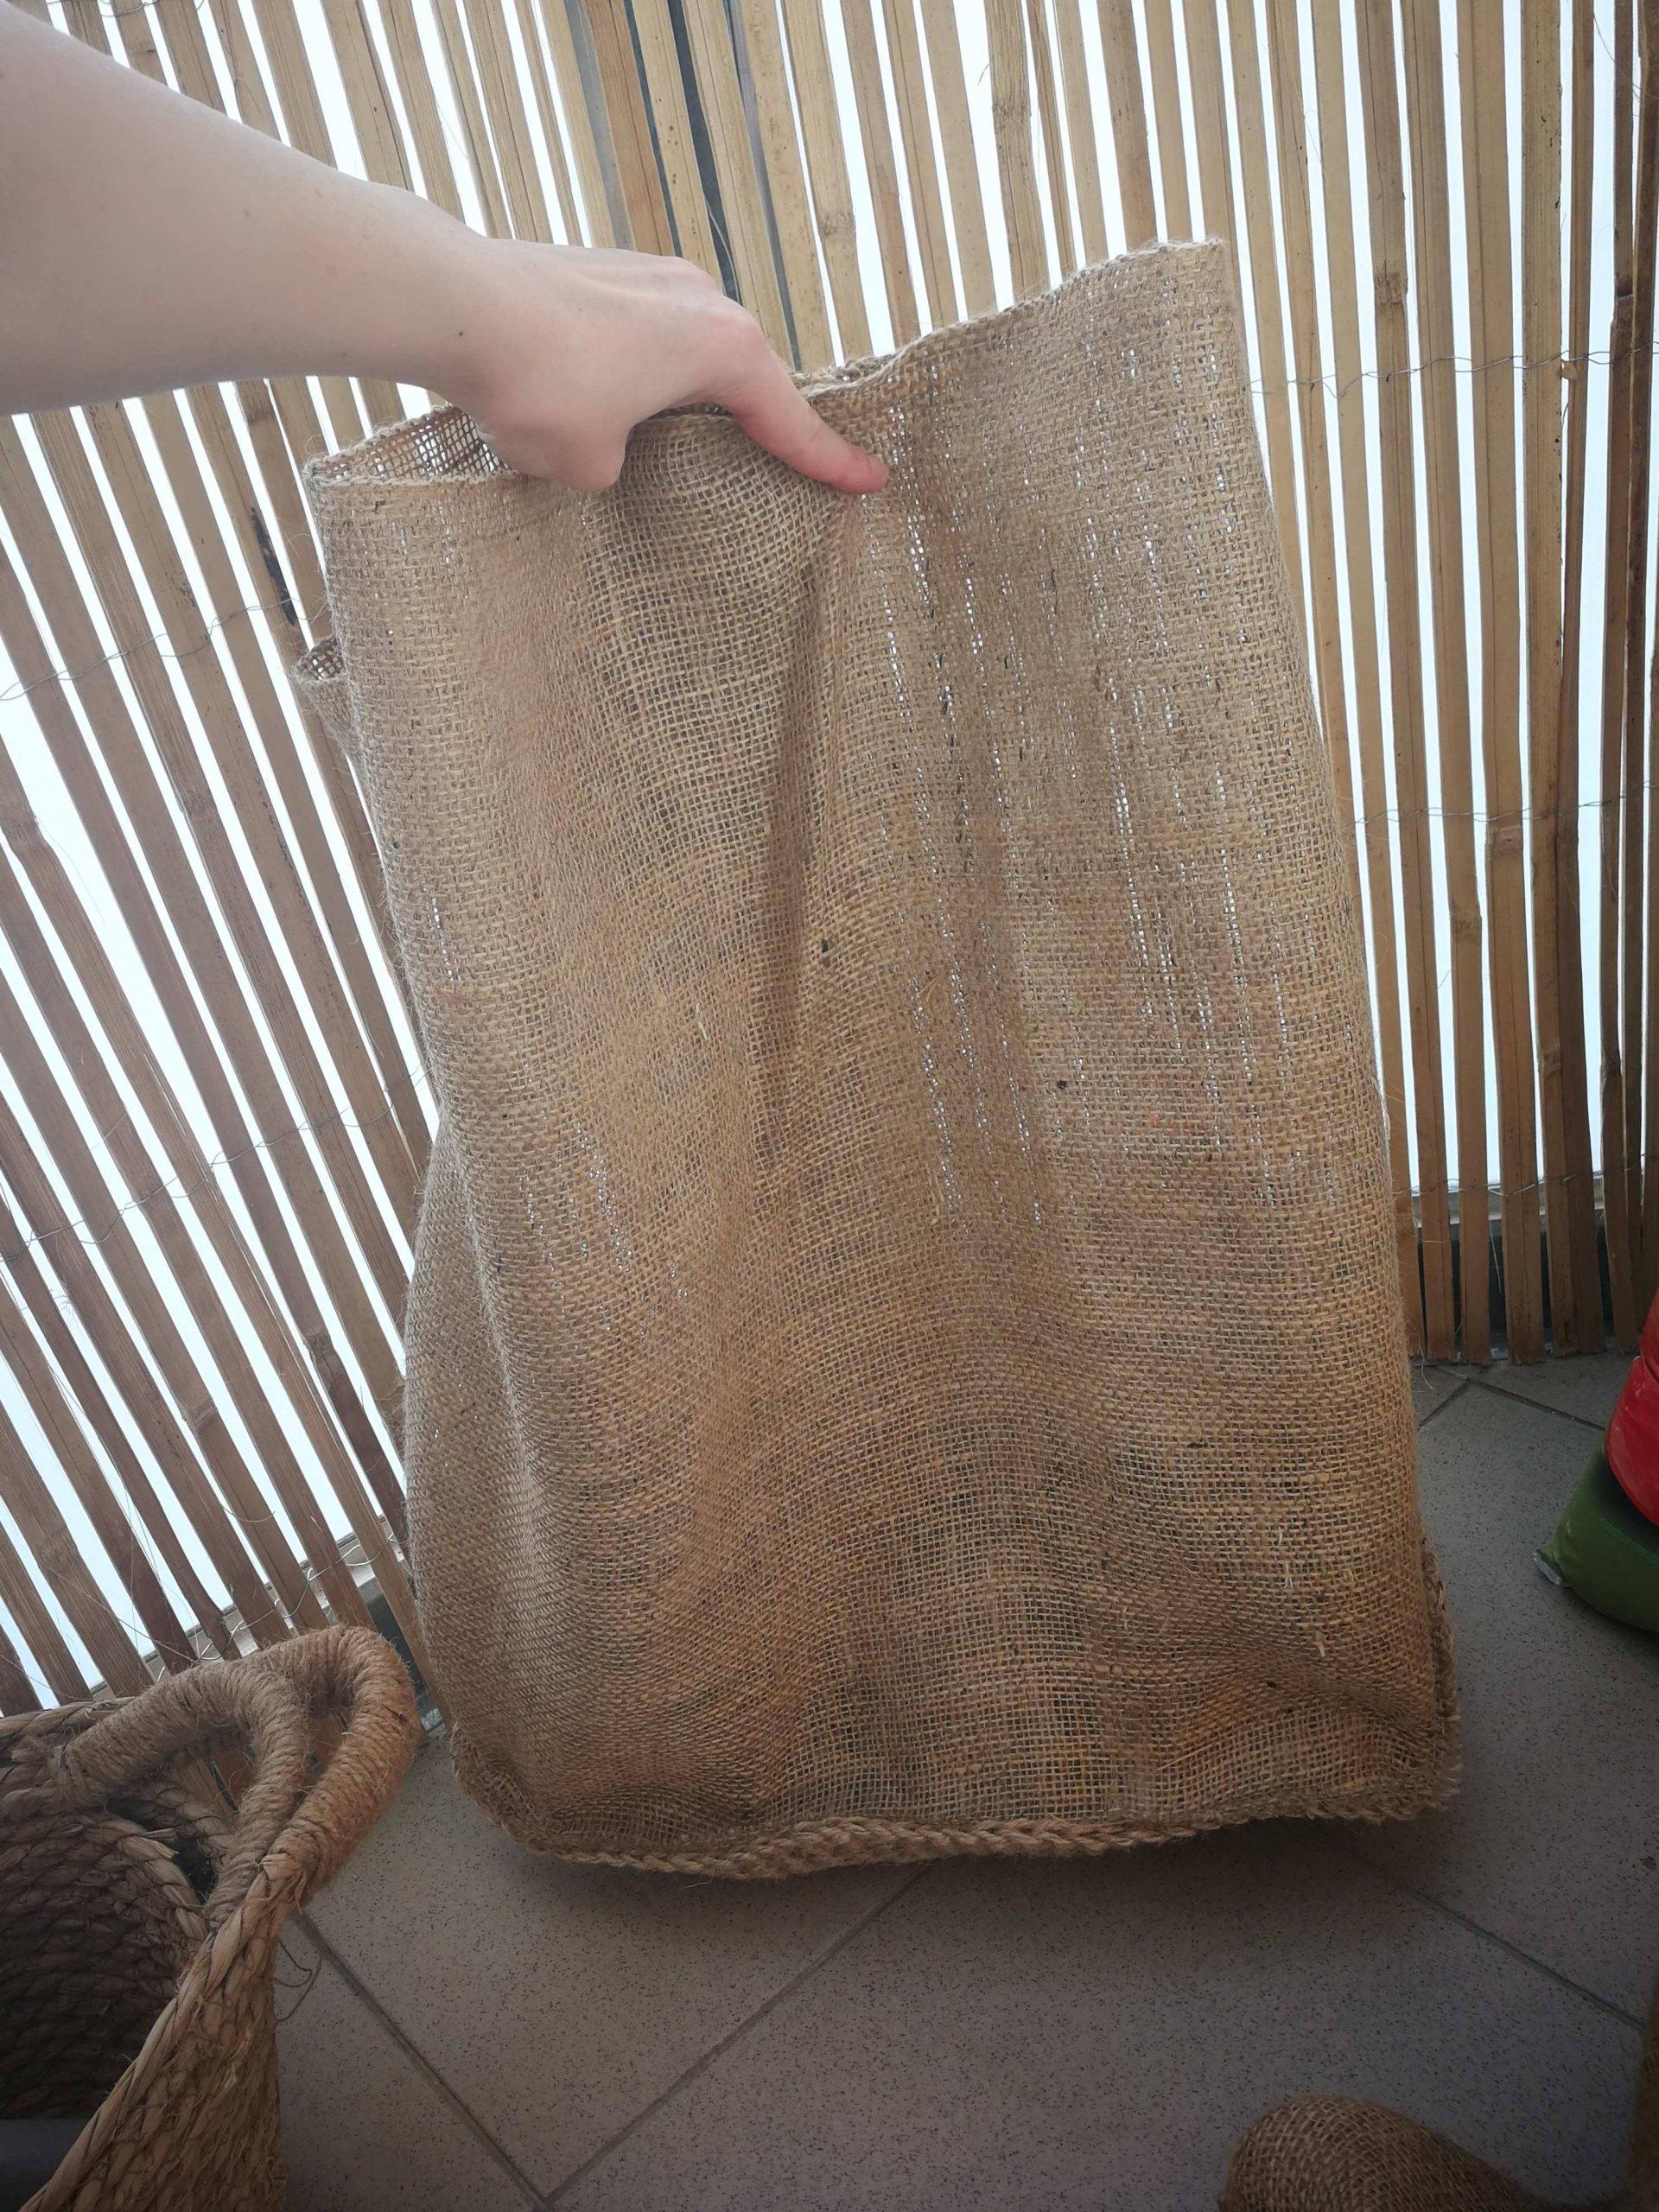 growing potatoes in diy jute bag